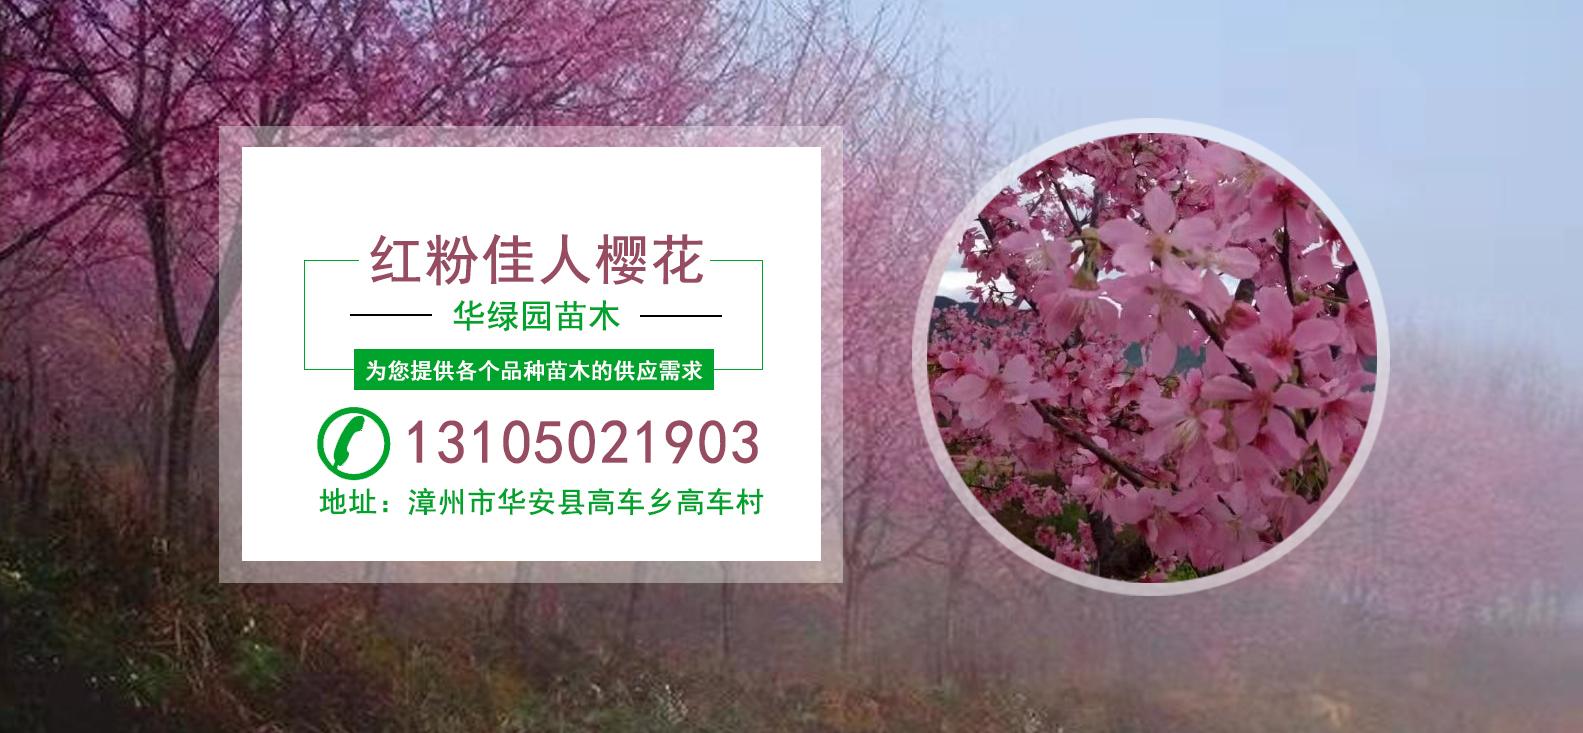 臺北華綠園苗木産品中心